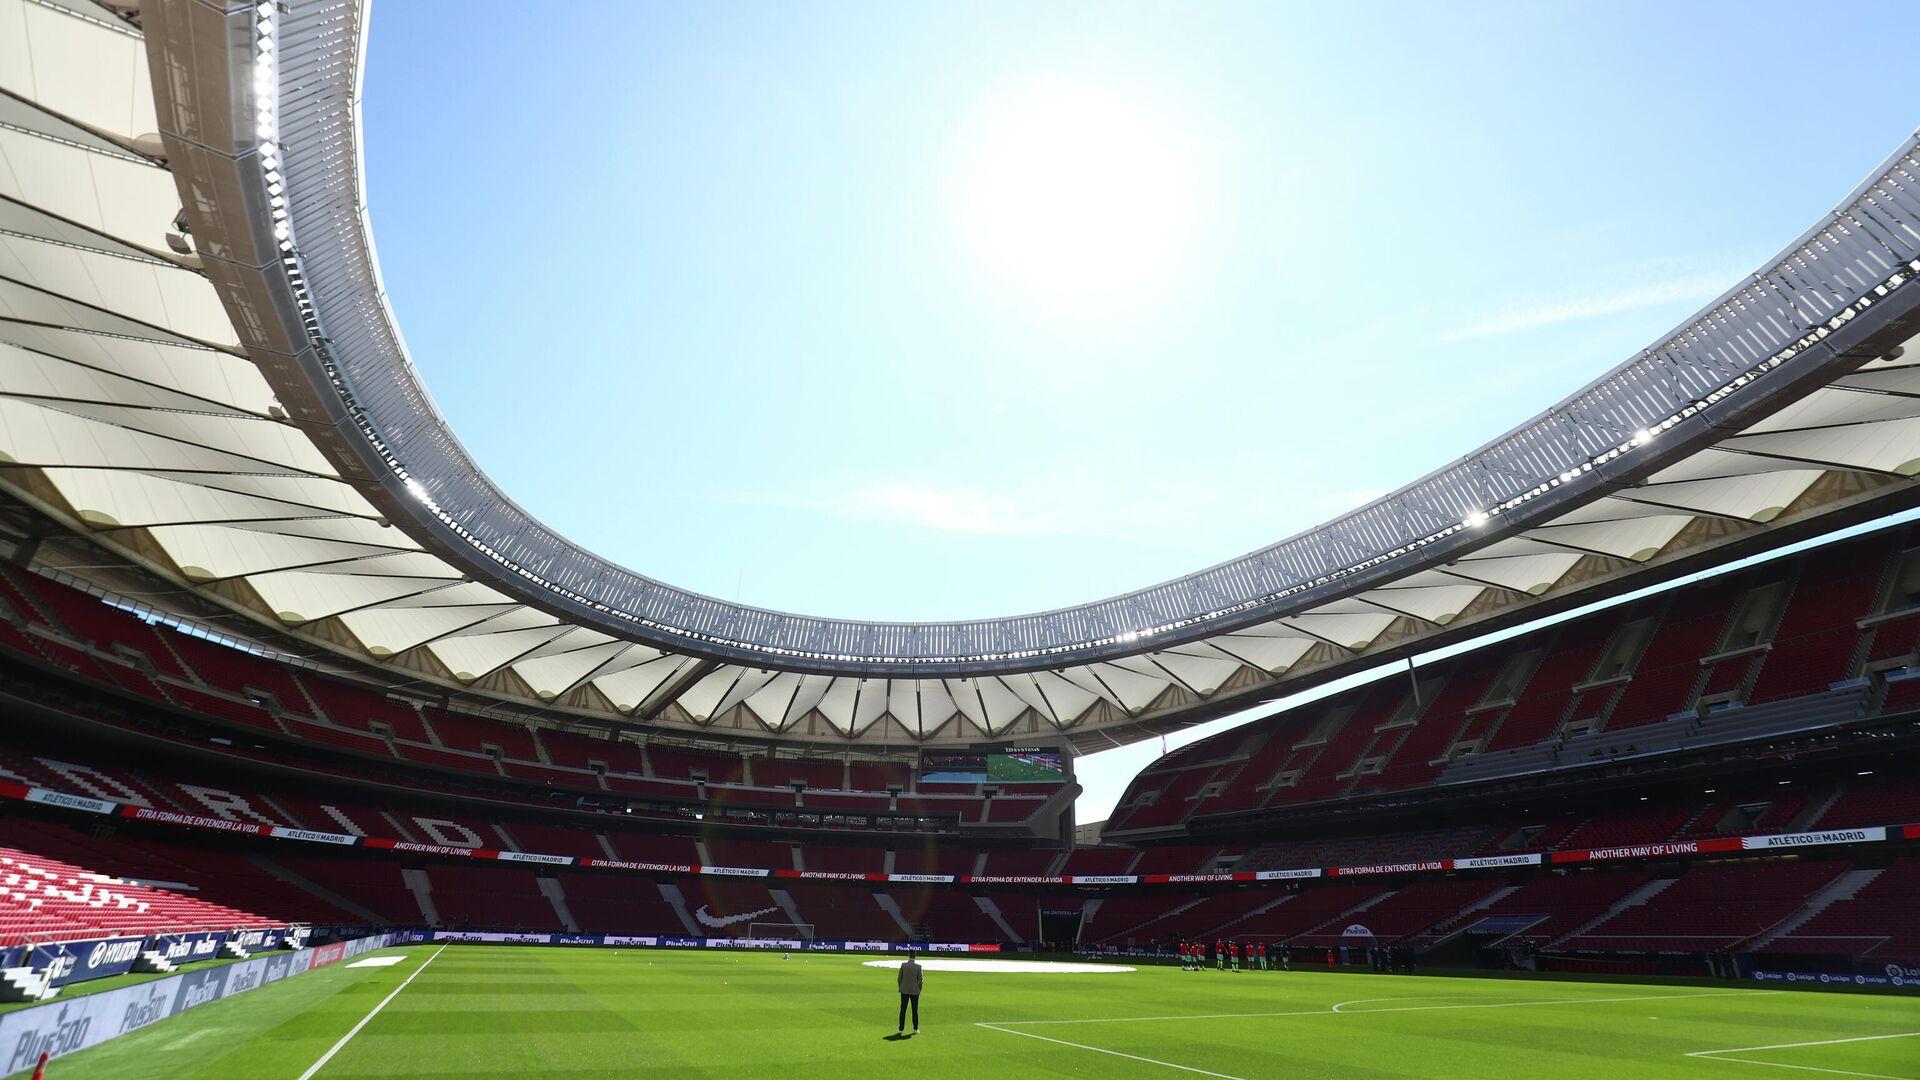 Стадион Ванда Метрополитано в Мадриде - РИА Новости, 1920, 24.10.2020